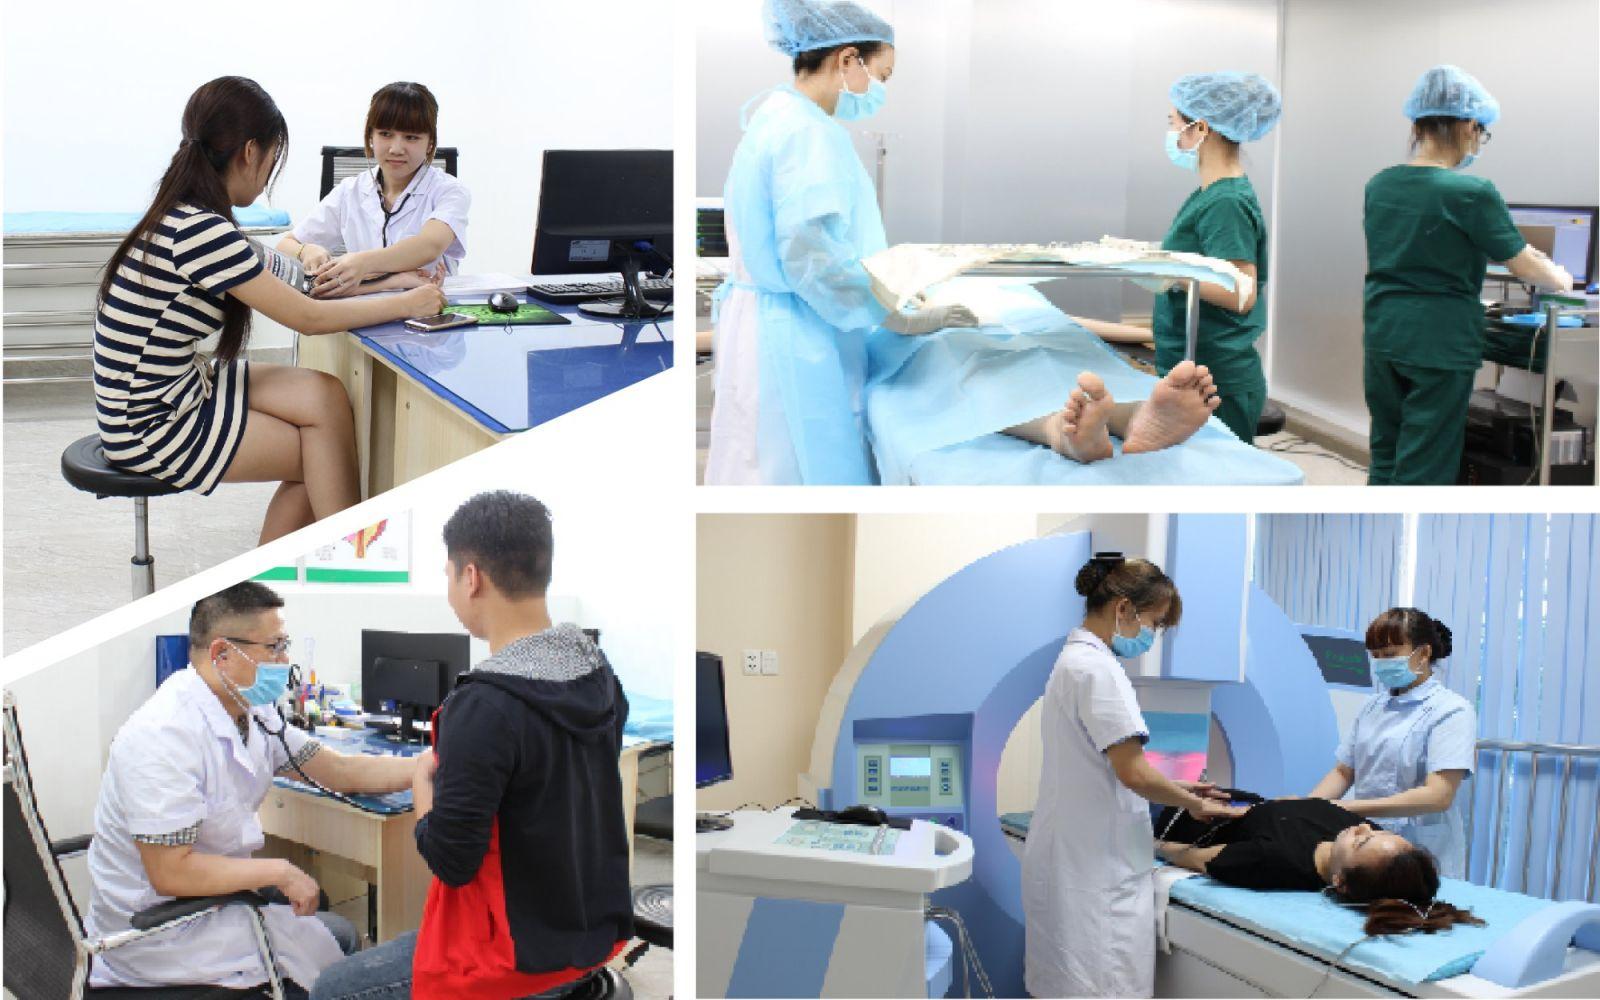 Phòng khám áp dụng những phương pháp điều trị bệnh xã hội tân tiến nhất trên thế giới